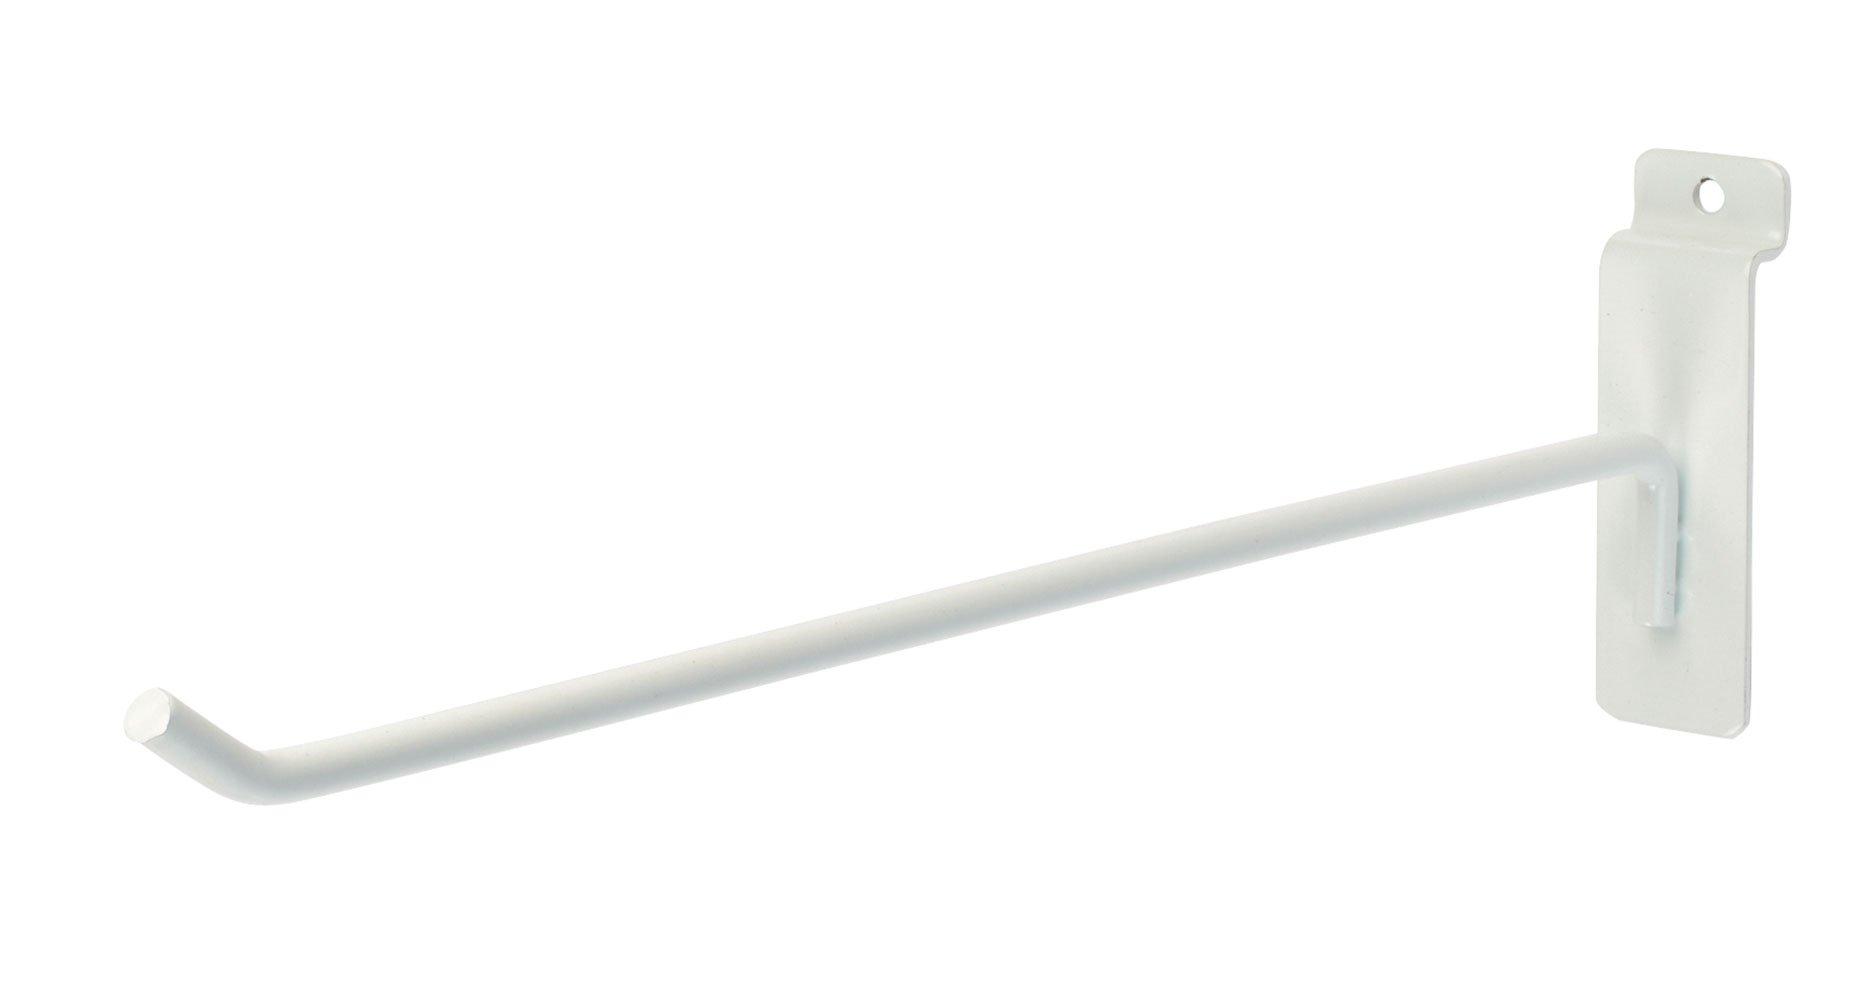 12 inch White Peg Hook for Slatwall - Pack of 50